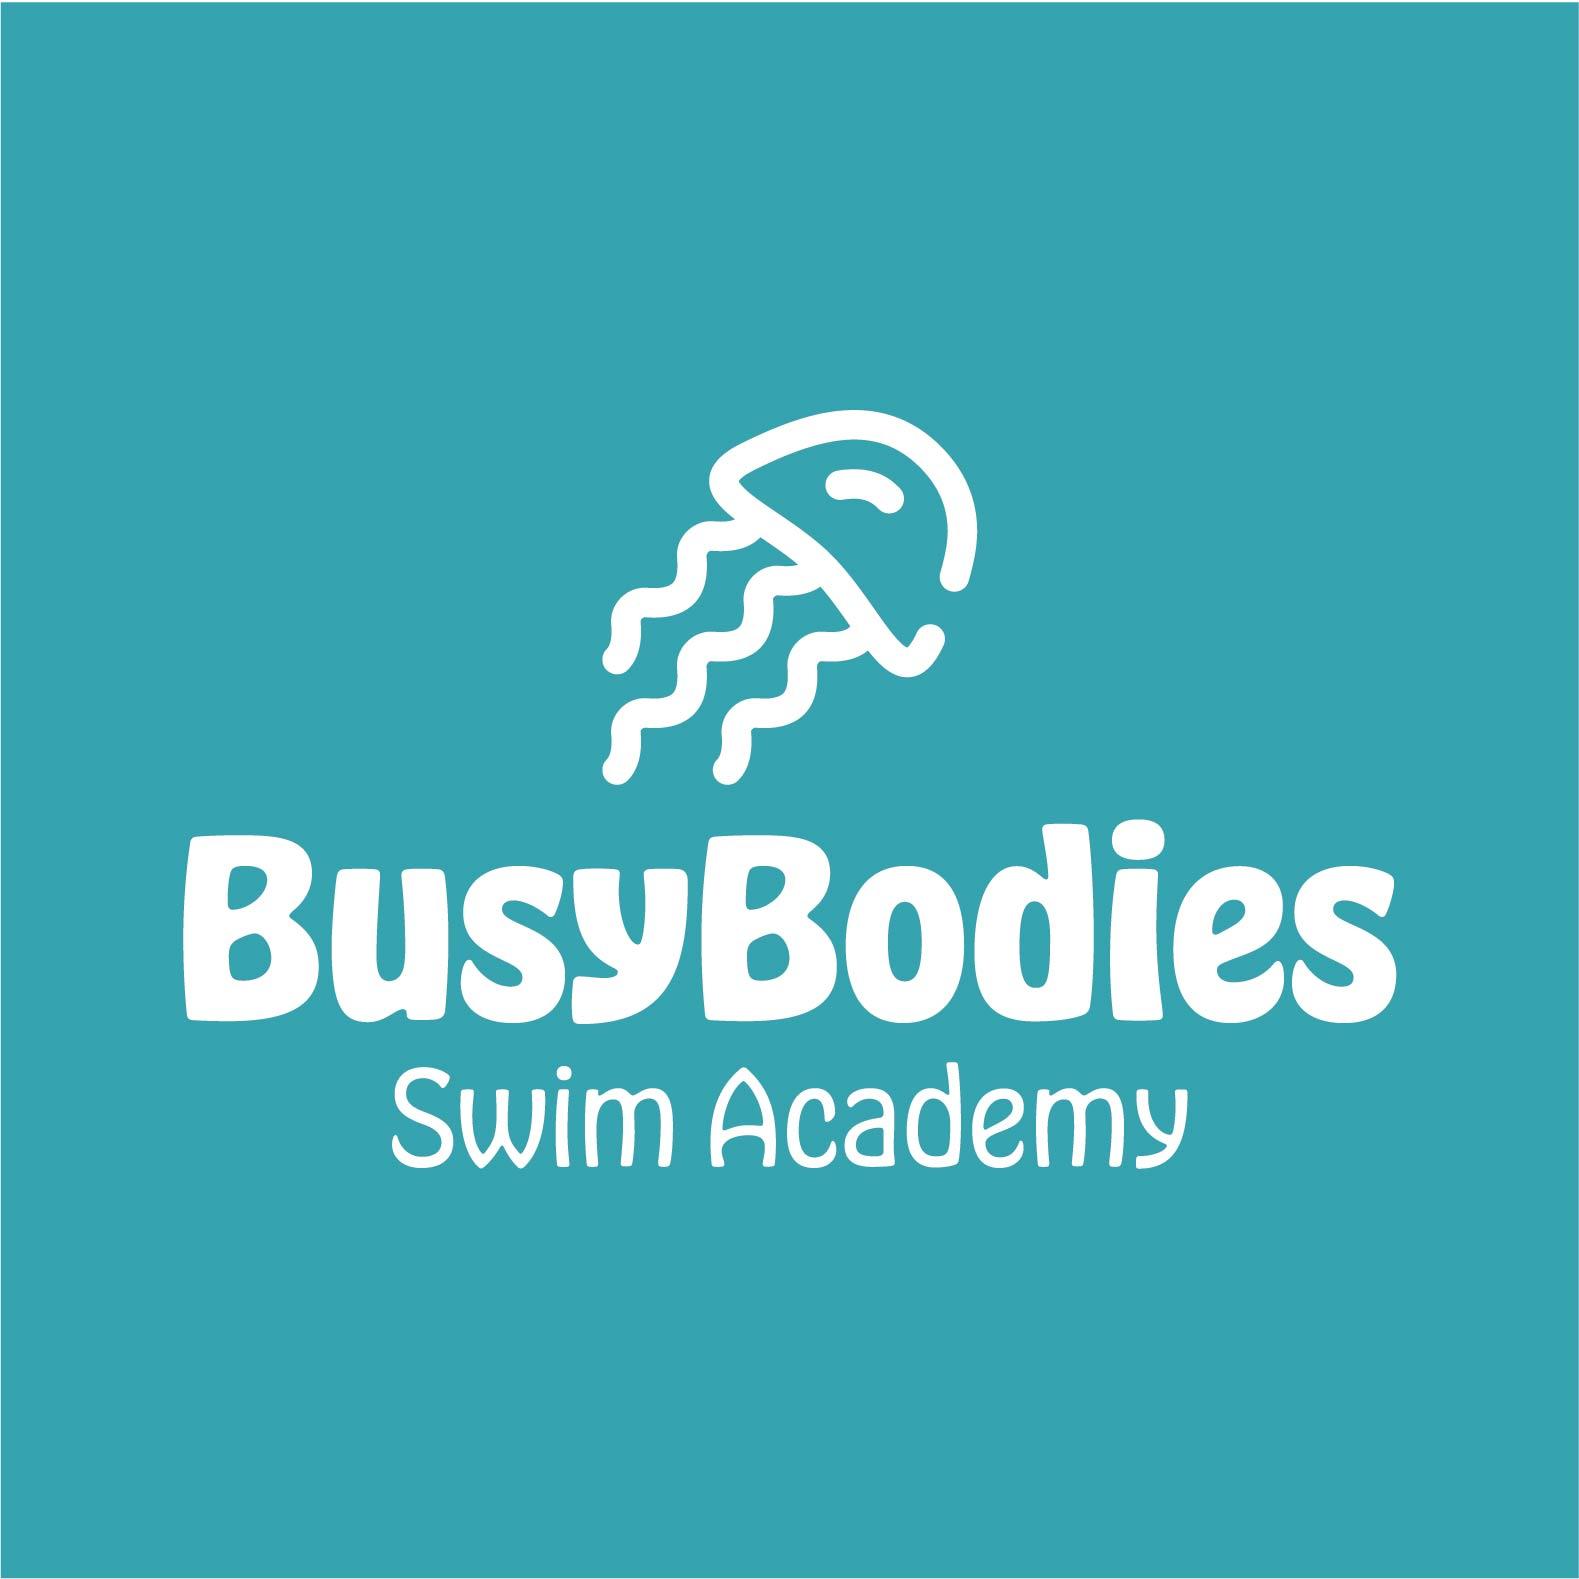 Busy Bodies Swim Academy